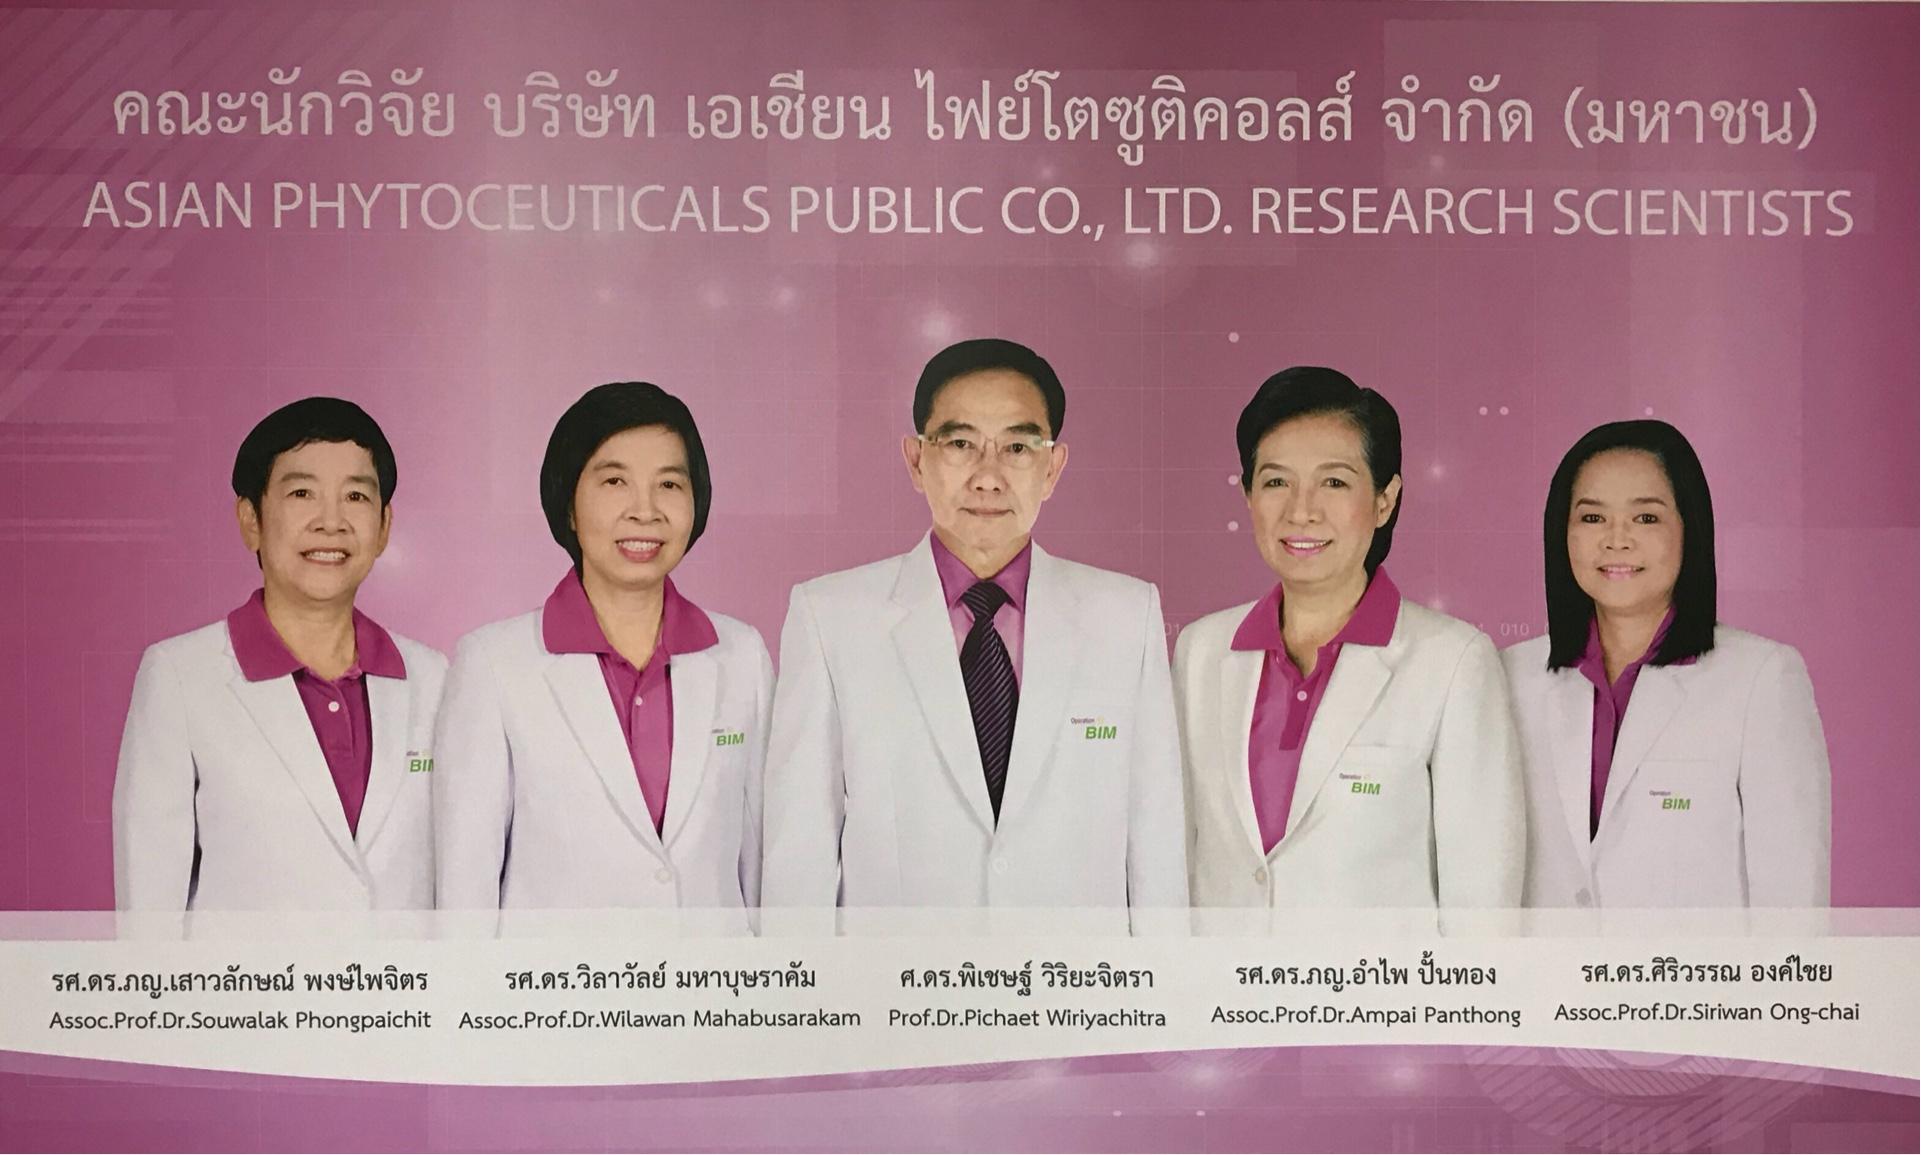 ปฏิบัติการสร้างภูมิคุ้มกันที่สมดุล Operation Bim มิติใหม่ในการดูแลสุขภาพครบวงจร ประกอบด้วย นักวิทยาศาสตร์ทำการวิจัย 5 ท่าน โดยได้นำเสนอในรายการ BIM100 (บิมร้อย) 1. ภญ.รศ.ดร.อำไพ ปั้นทอง 2. รศ.ดร.ศิริวรรณ องค์ไชย 3. ภญ.รศ.ดร.เสาวลักษณ์ พงษ์ไพจิตร 4. รศ.ดร.วิลาวัลย์ มหาบุษราคัม 5. ศ.ดร.พิเชษฐ์ วิริยะจิตรา